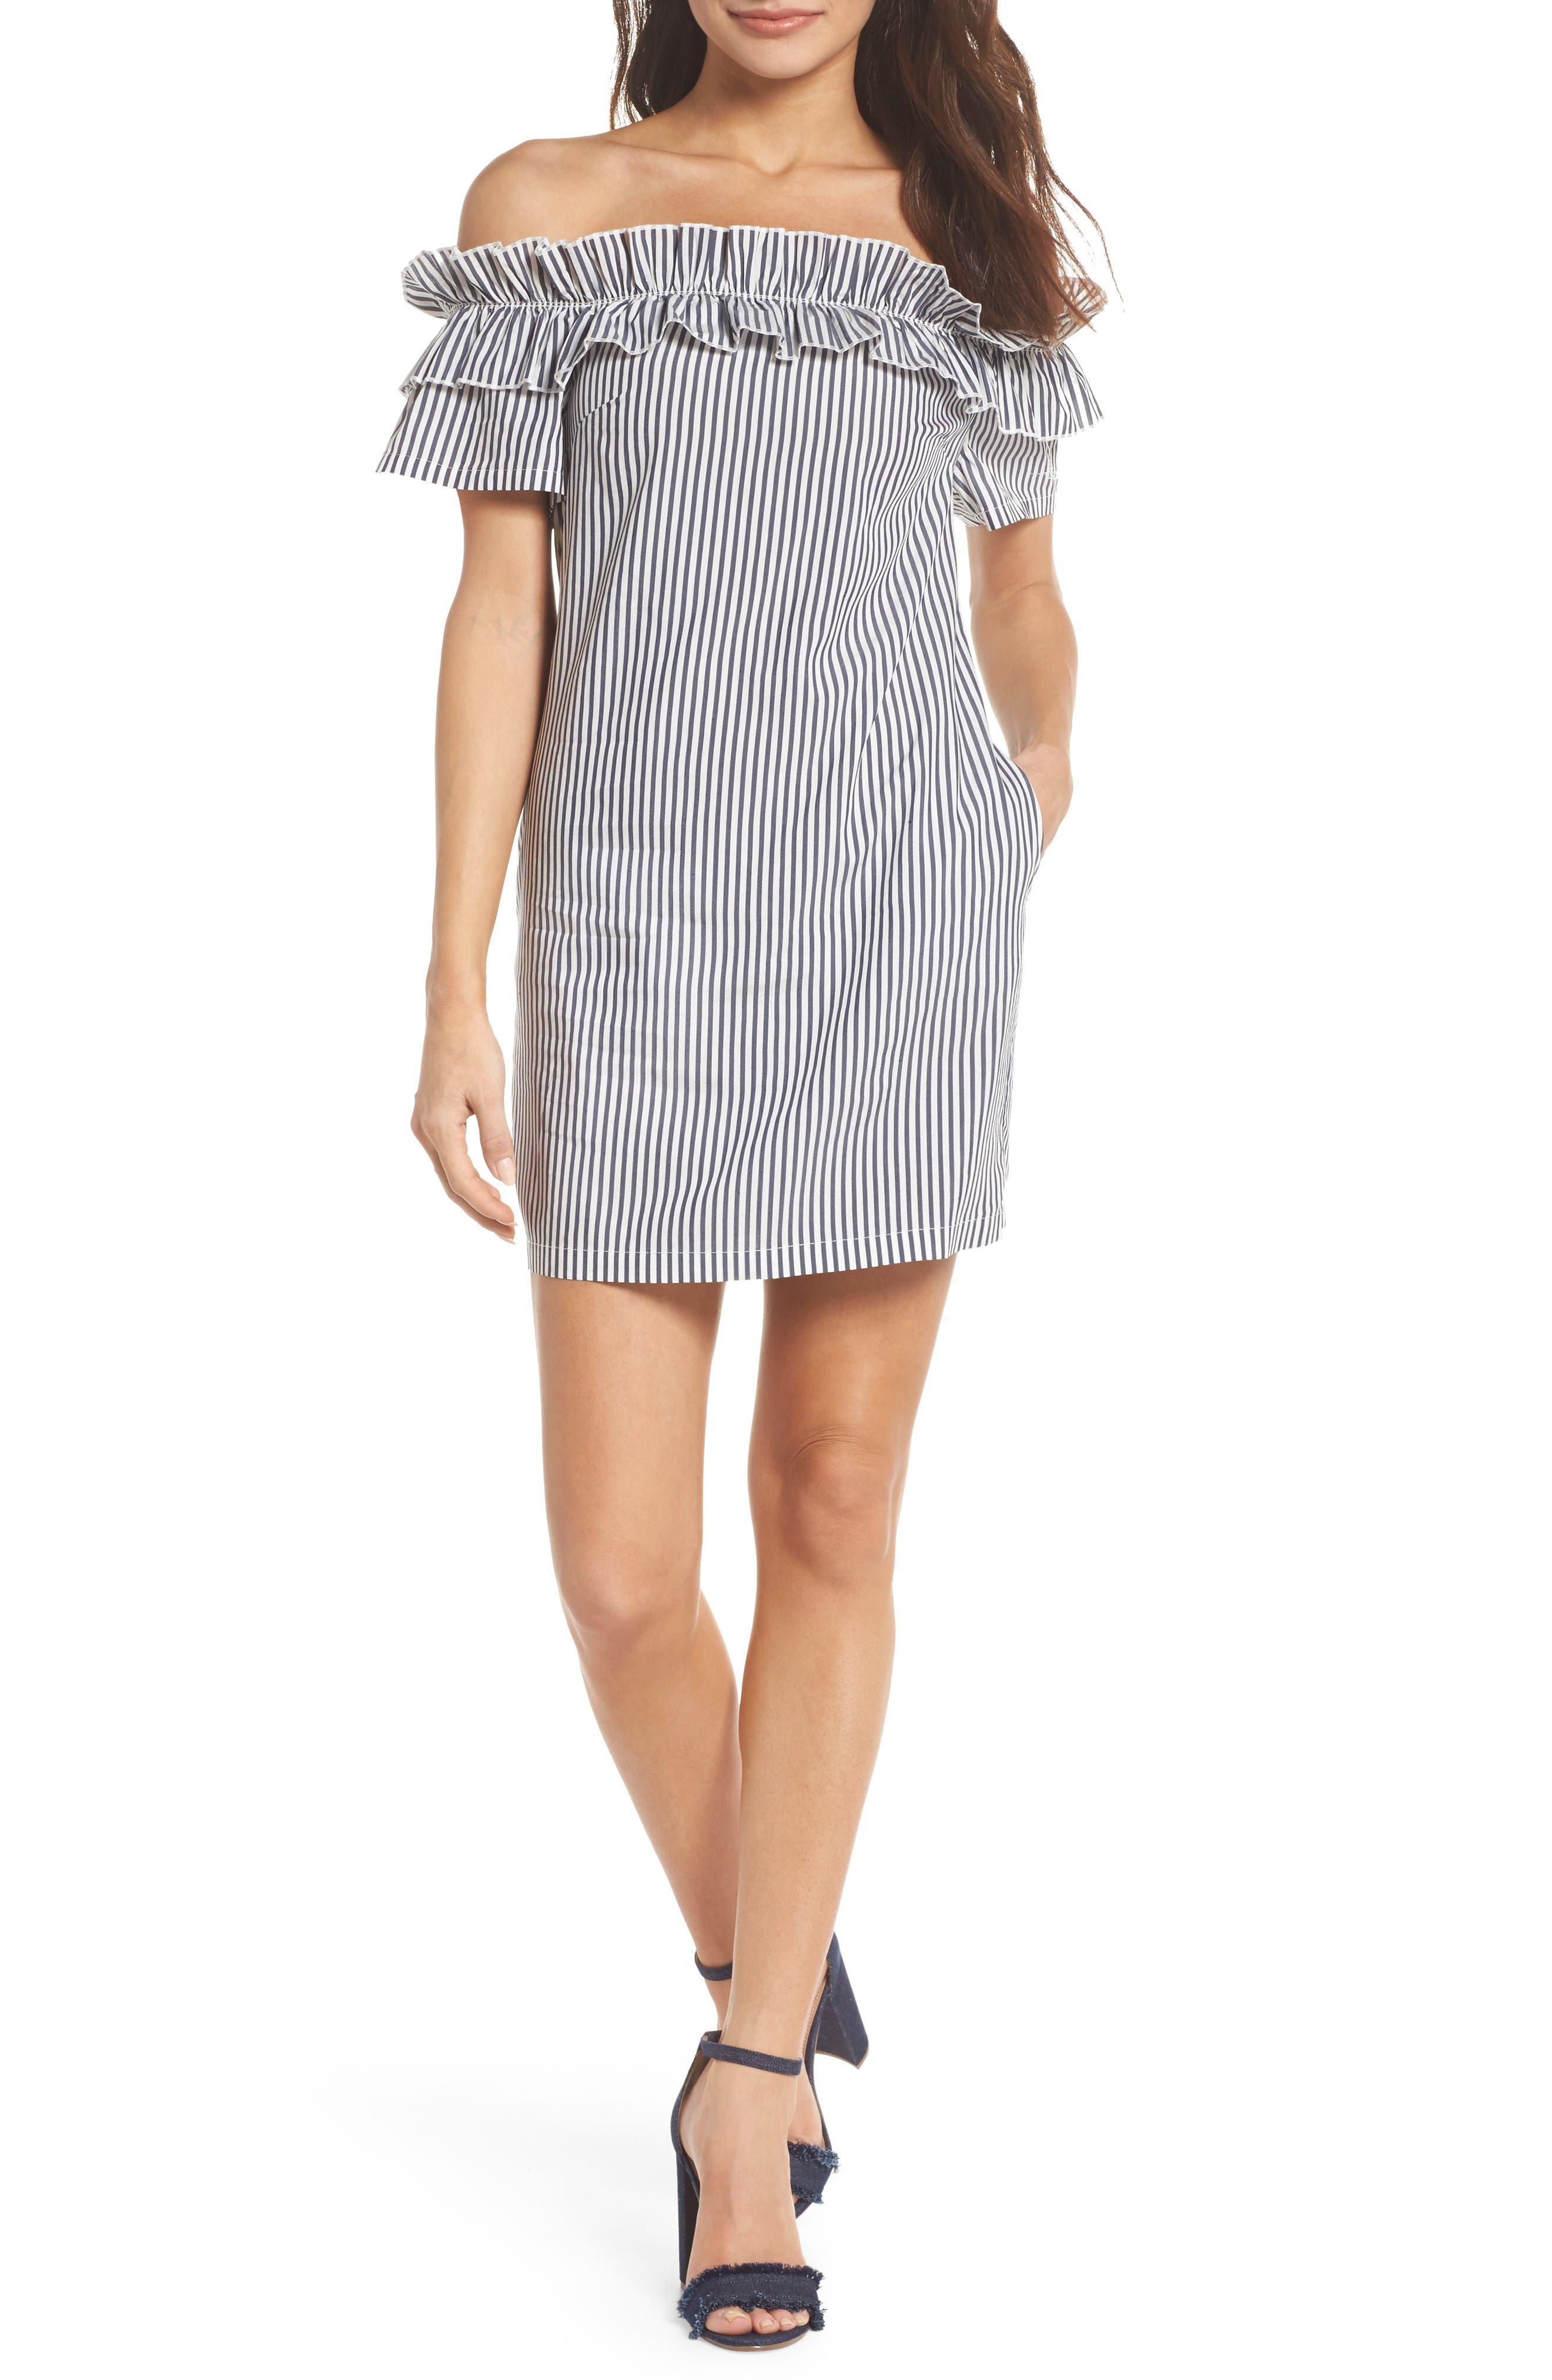 Patio Only Stripe Minidress,                             Main thumbnail 1, color,                             Navy/ White Mini Stripe